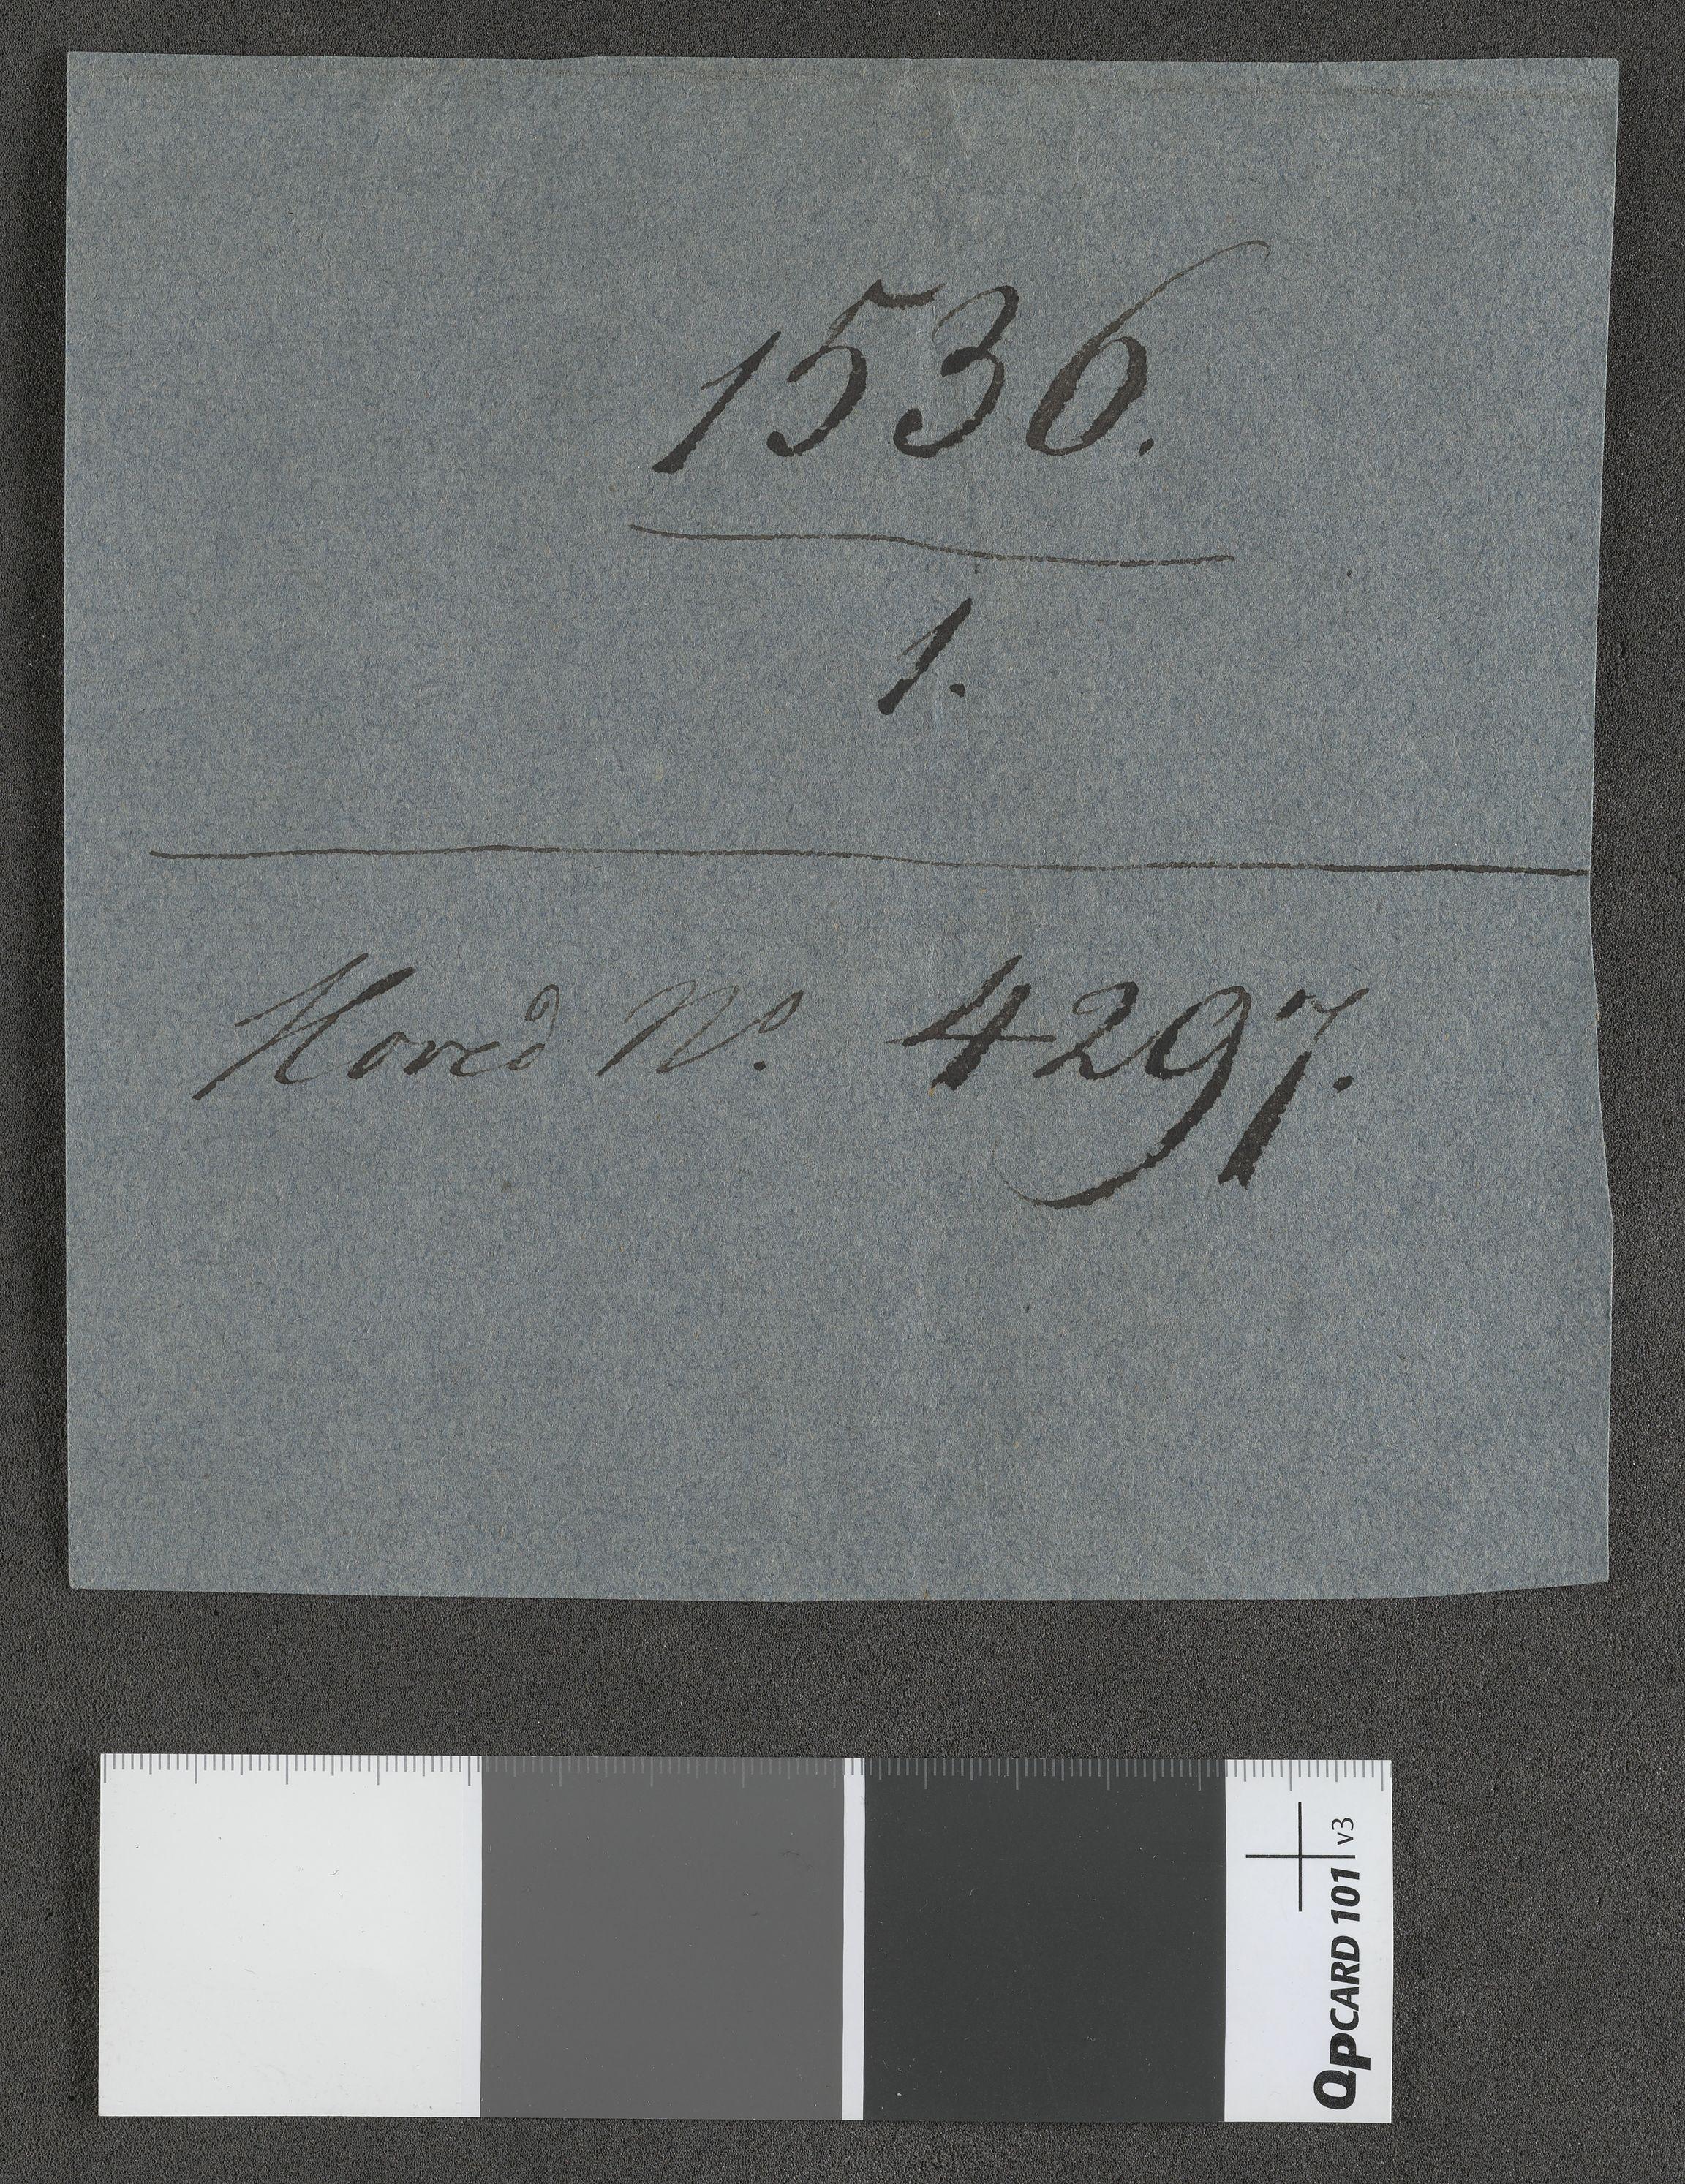 RA, Riksarkivets diplomsamling, F13/F13b/L0016: Olav Engelbrektssons regnskaper, 1536